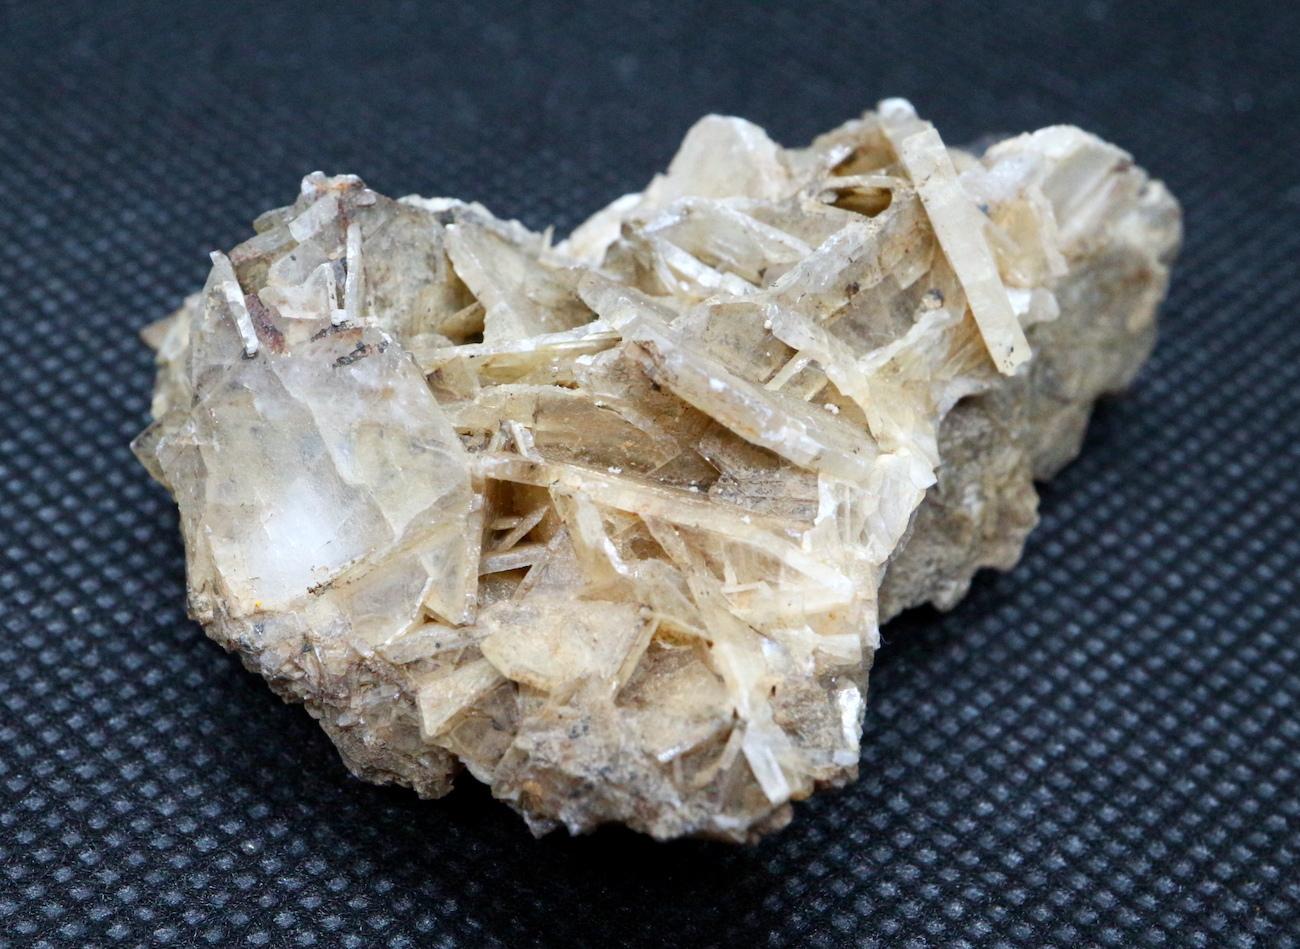 アメリカ産! 重晶石 Barite バライト 47,5g   BRT001 鉱物 天然石 パワーストーン 原石